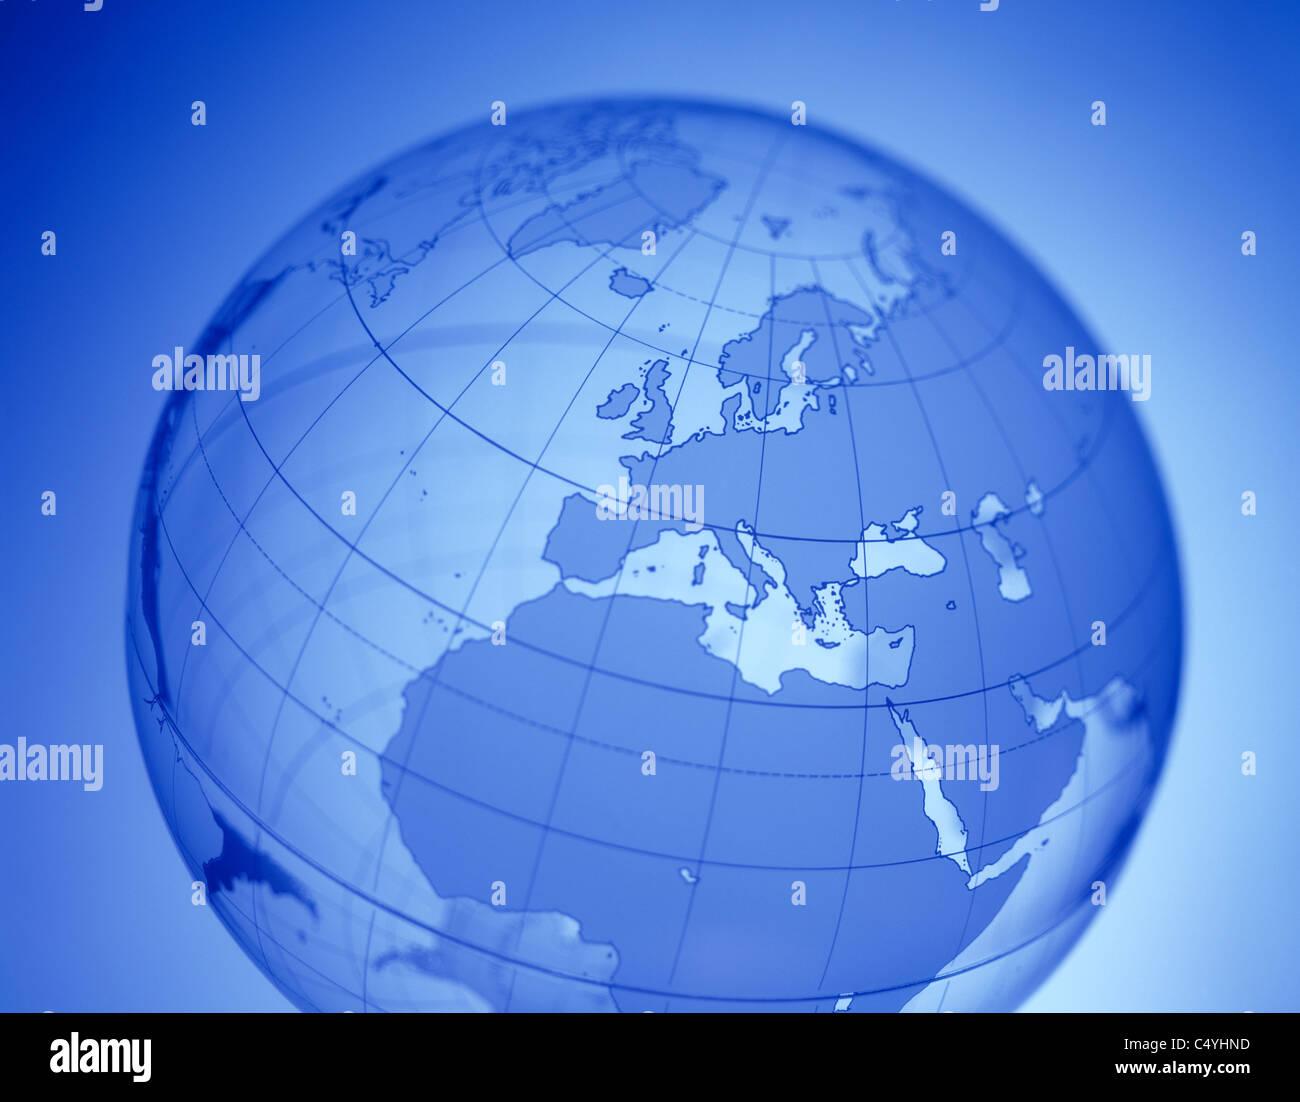 Ein klares Wort glühendes Kugel mit Europa in der Mitte Stockbild